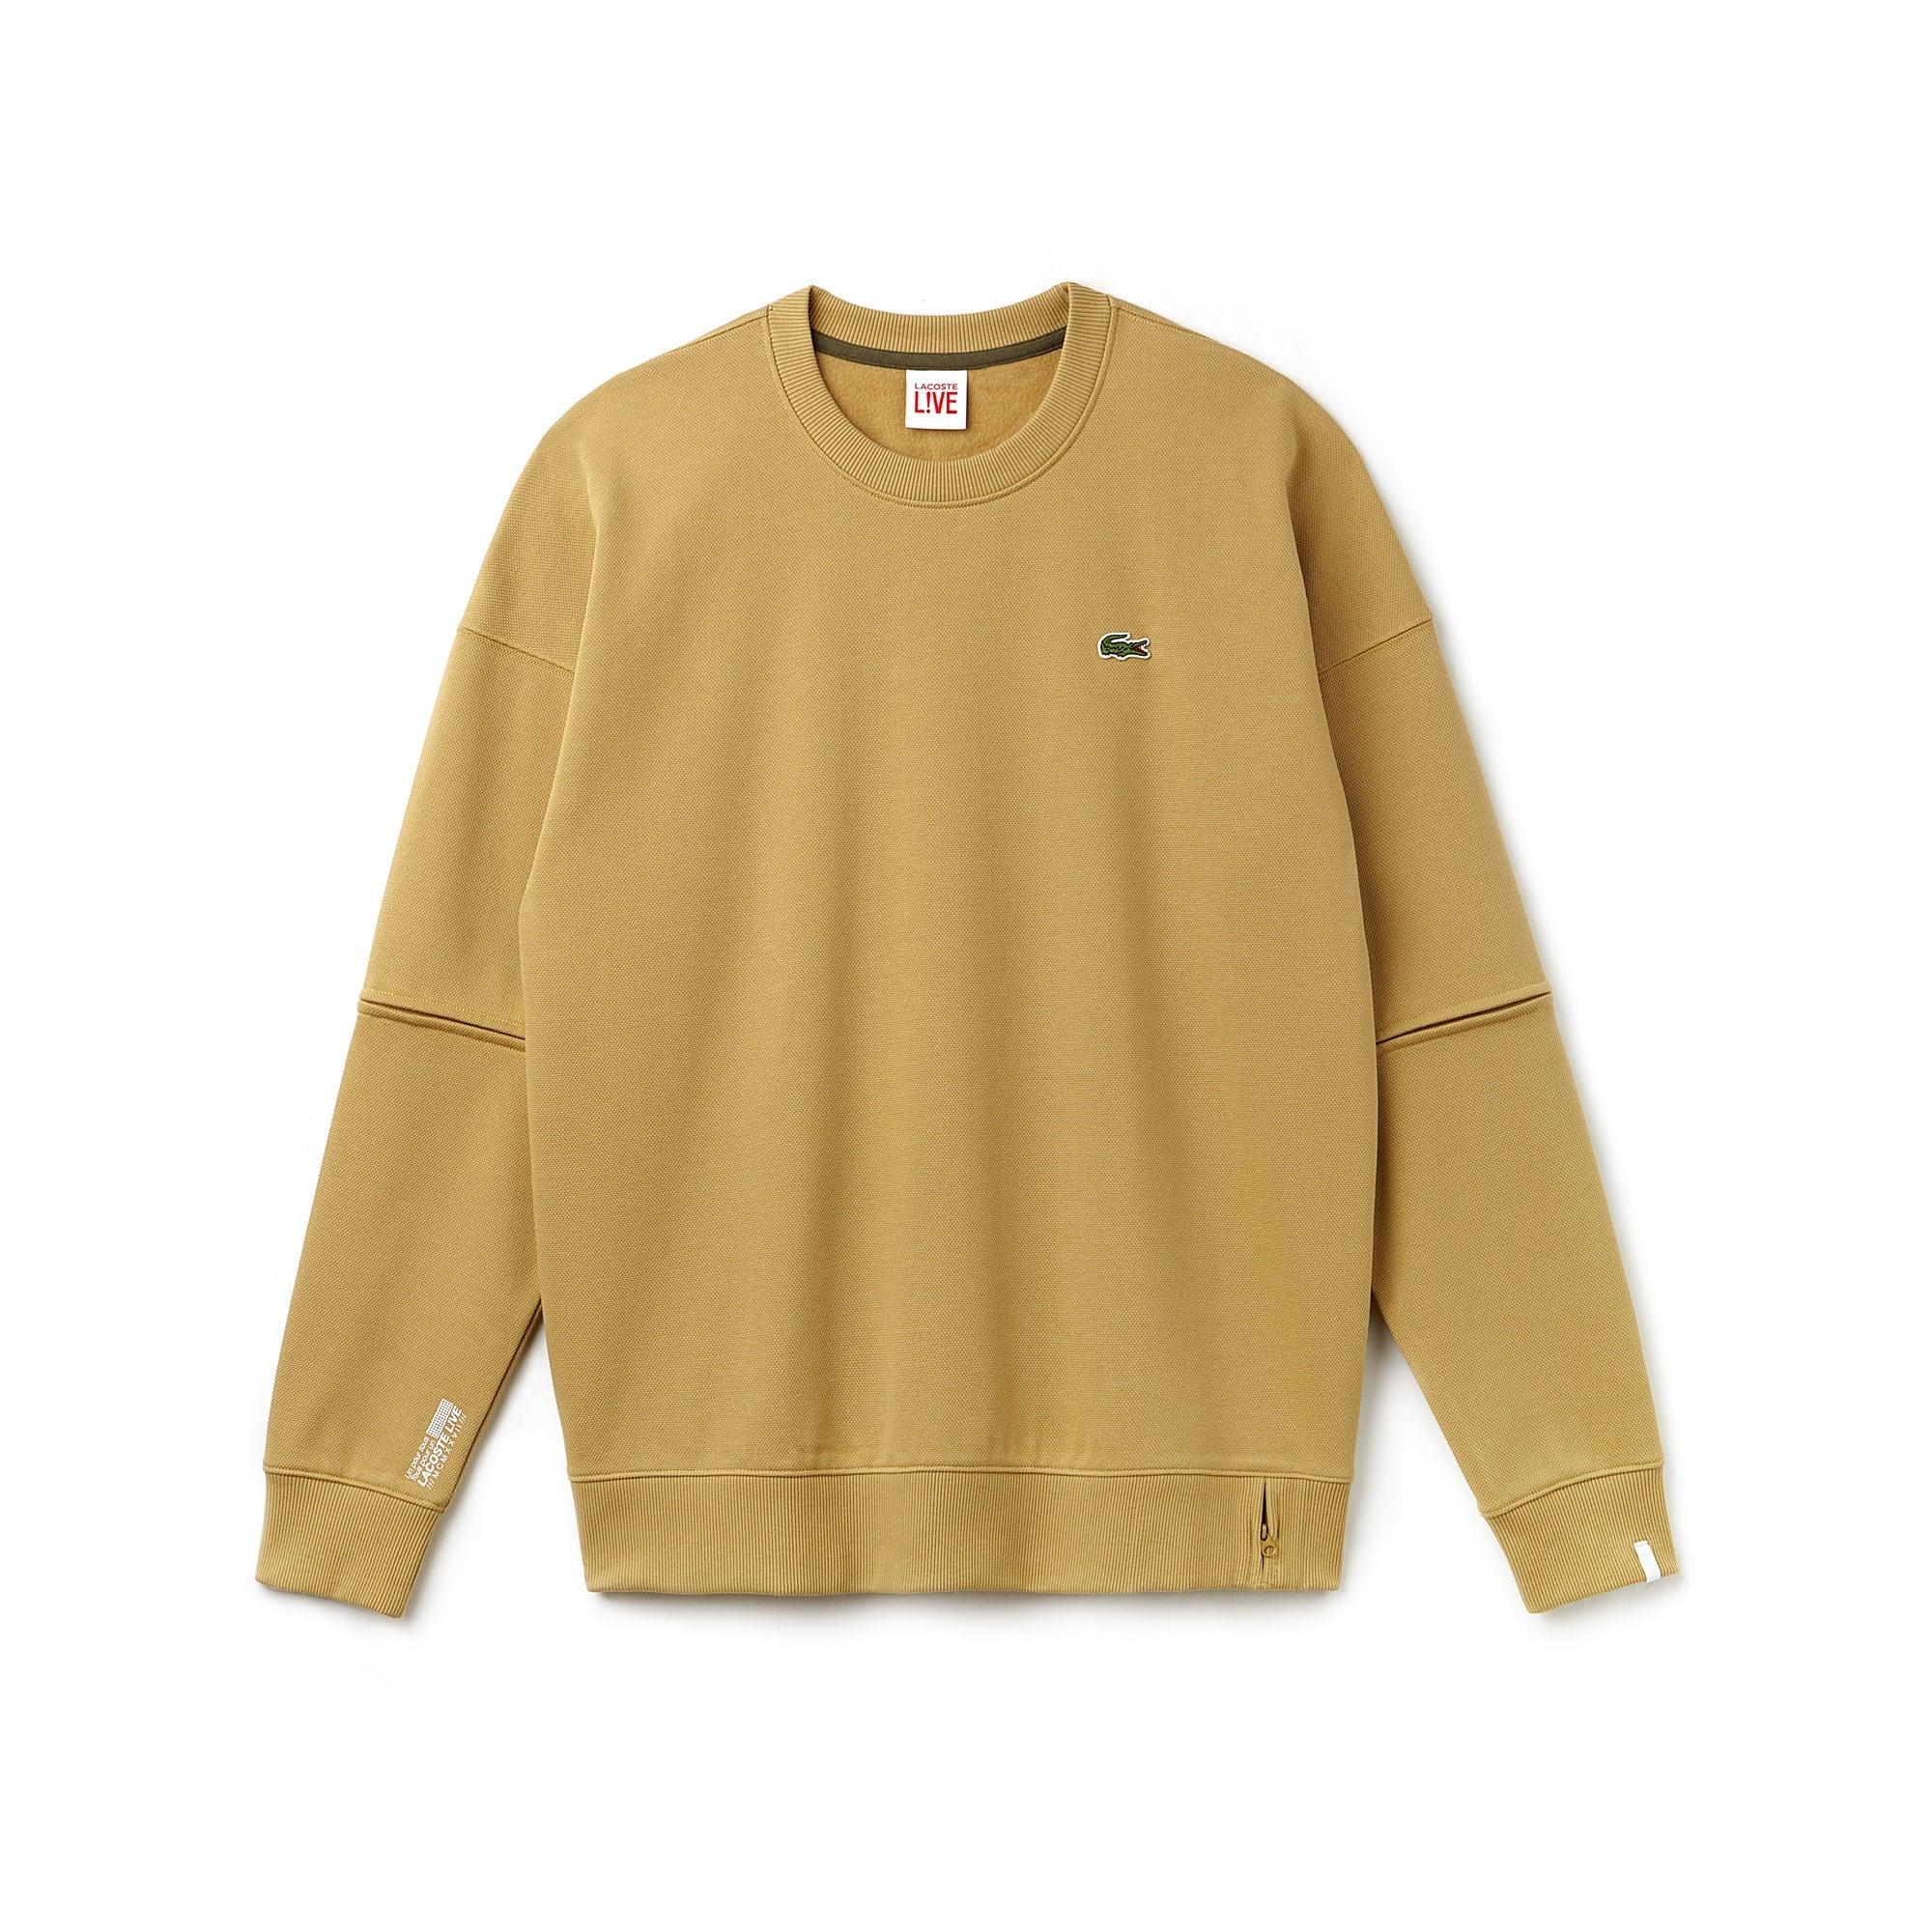 Sweatshirt larga Lacoste LIVE em moletão de piqué com mangas amovíveis